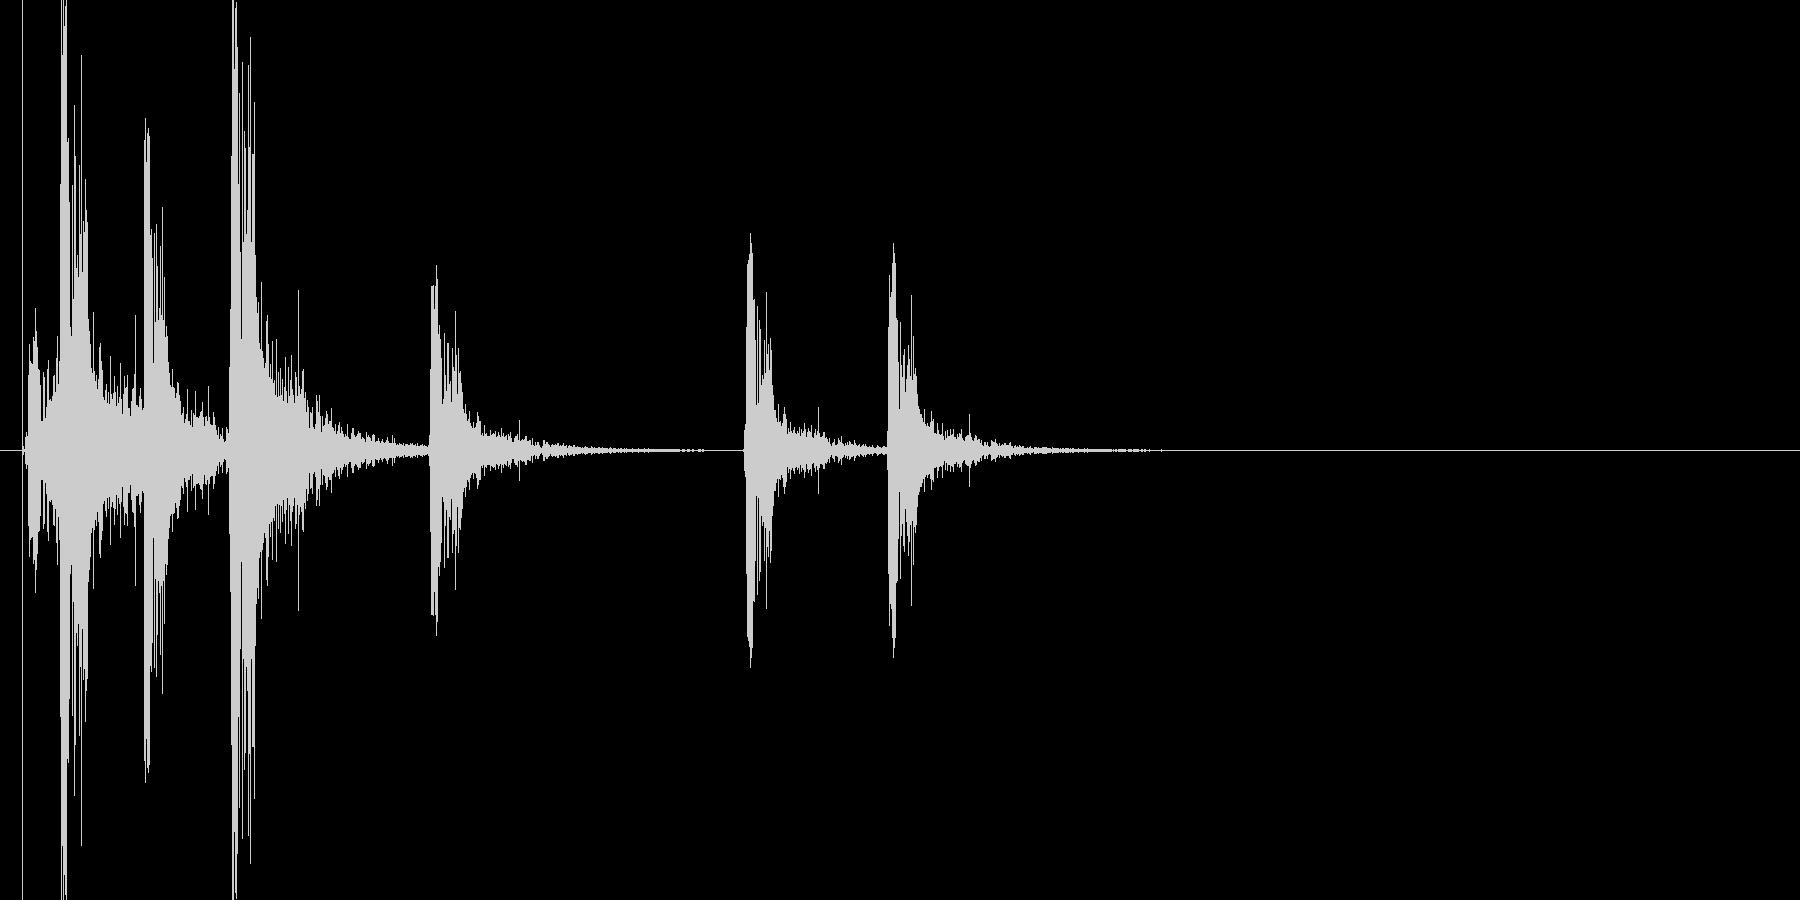 火花/スパーク音(バチバチバチッ)の未再生の波形